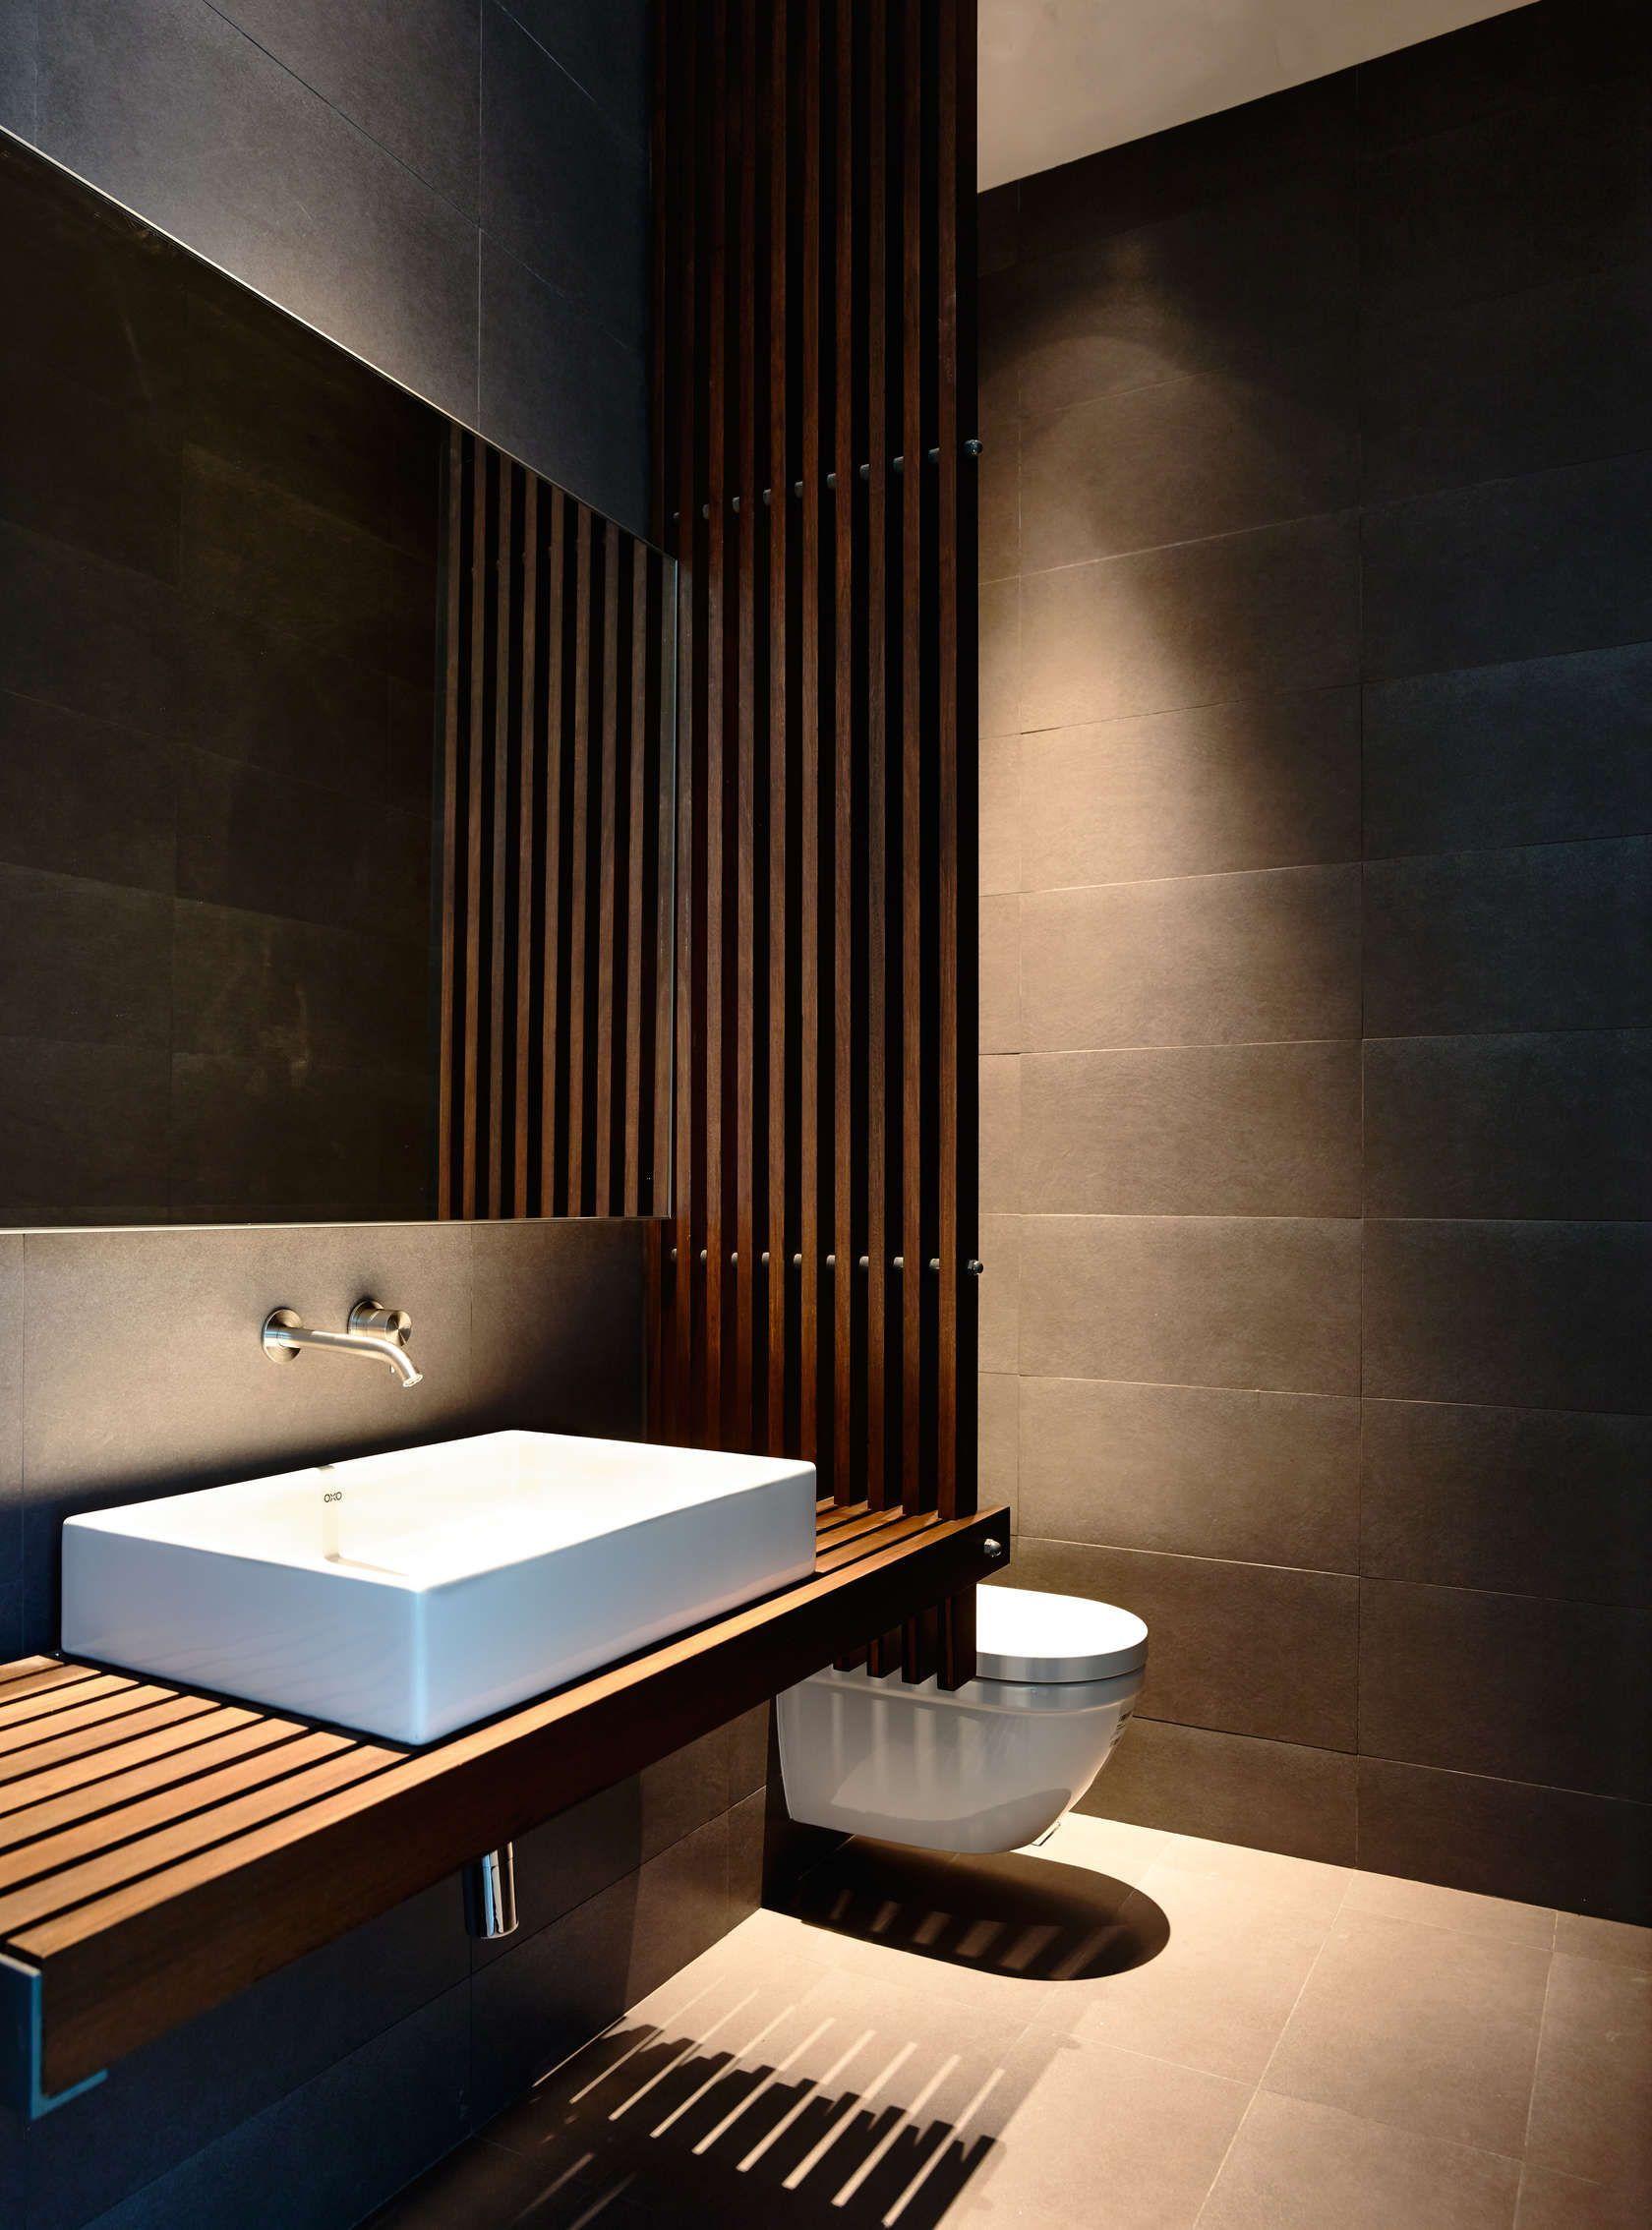 Bathroom Collection Lovely Japanese Bathroom Design Daiso Shower Curtain Wet Bathroom Ideas Small Bath Bathroom Interior Design Bathroom Design Modern Bathroom Japanese bathroom design ideas